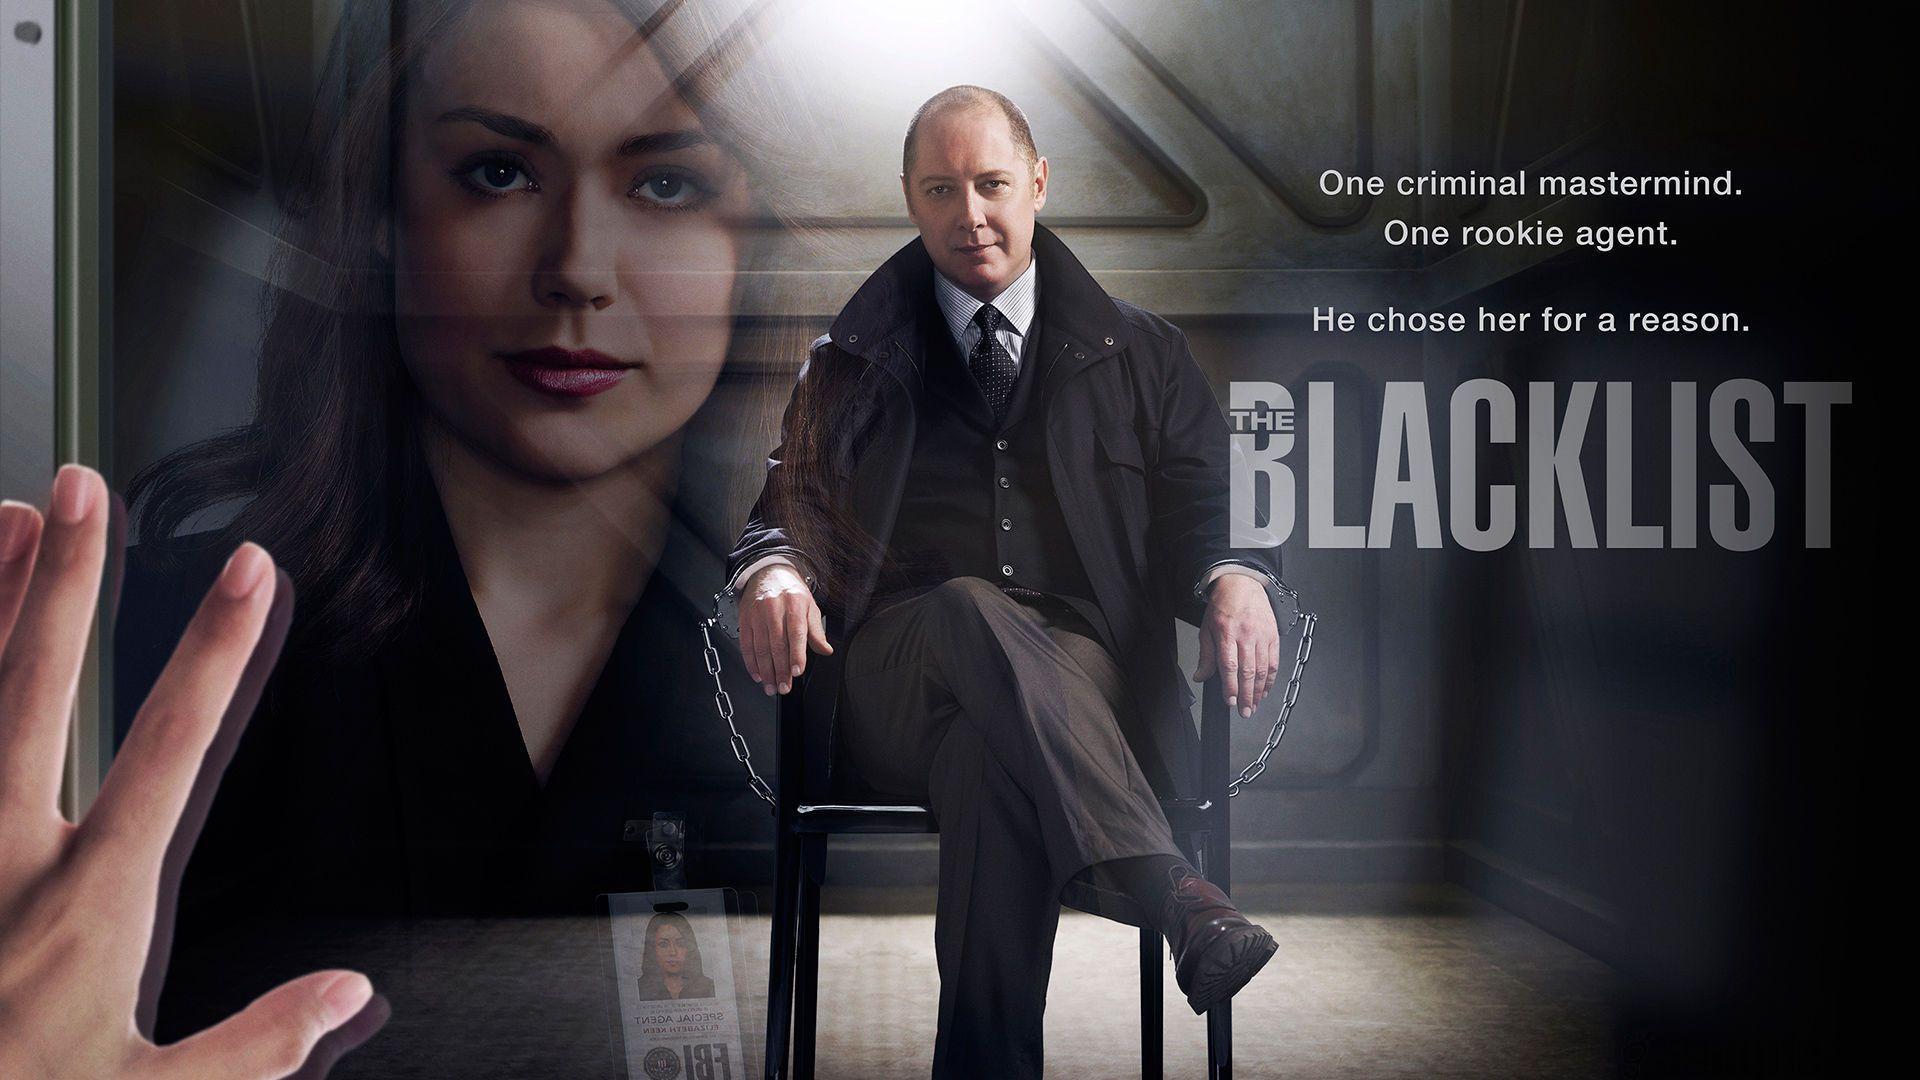 The Blacklist Zoom Background 2